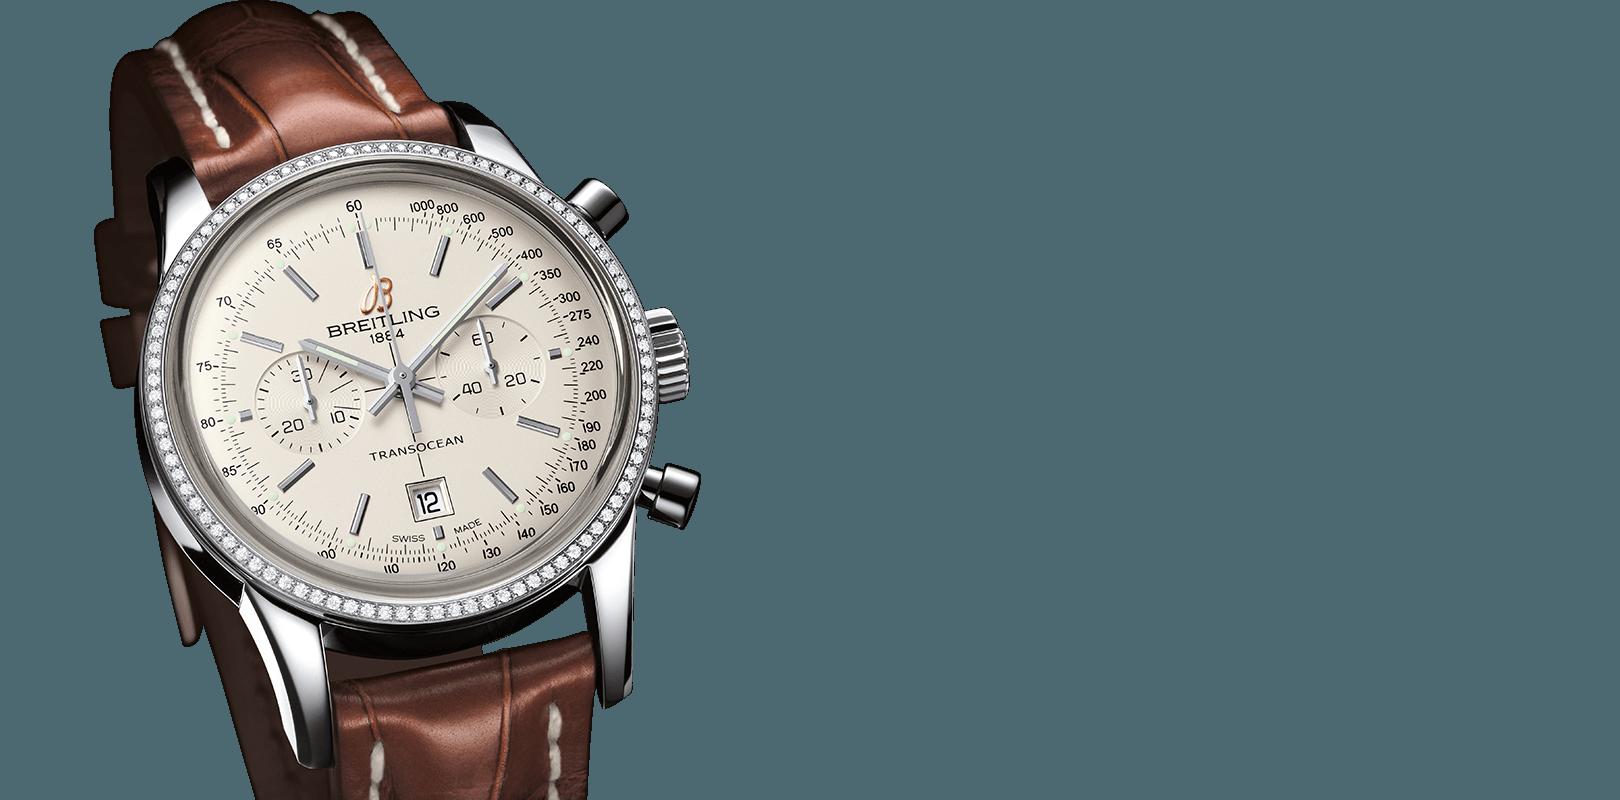 Gefälschte Rolex-Uhren für Herren